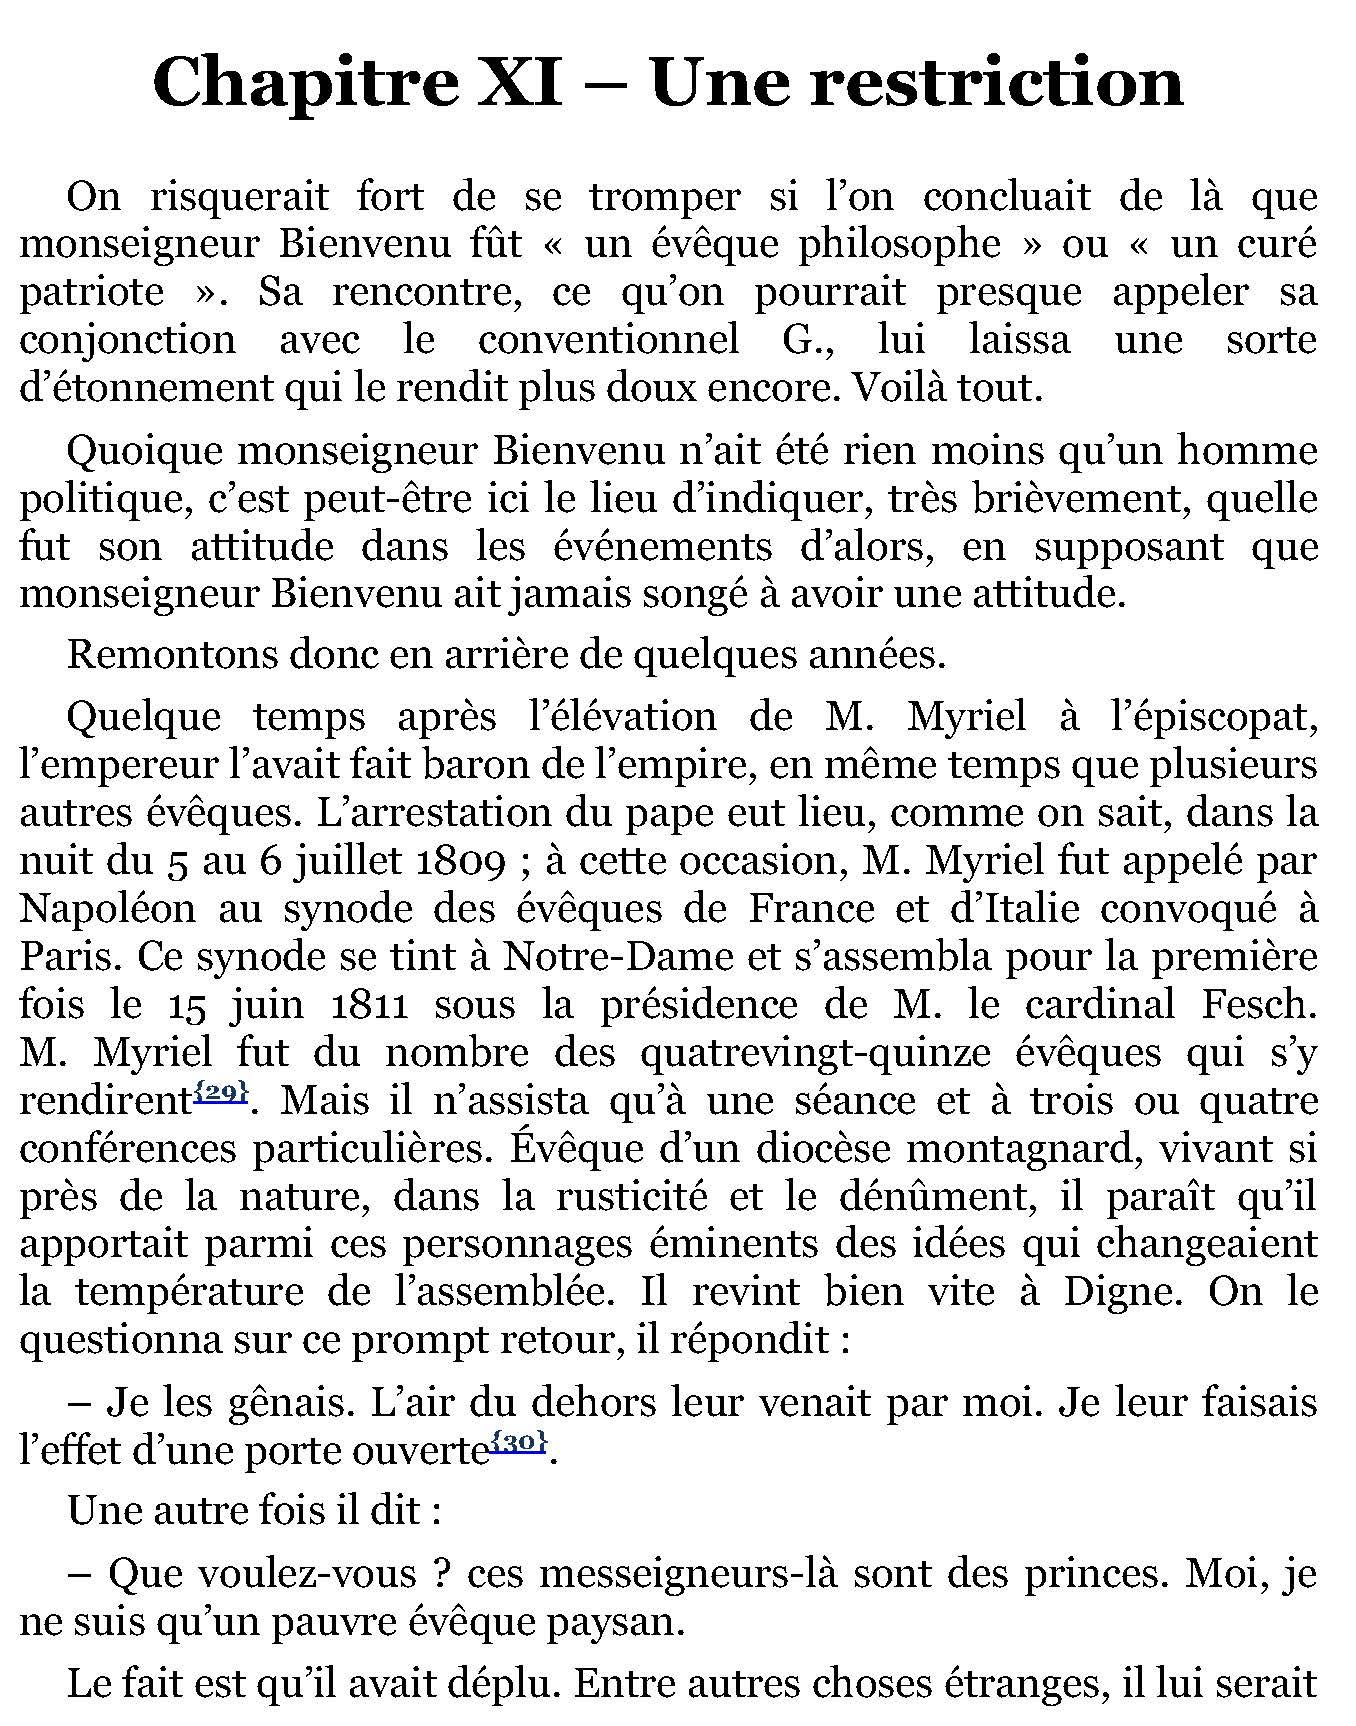 Les misérables, Tome 1 Fantine de Victor Hugo en pdf 4